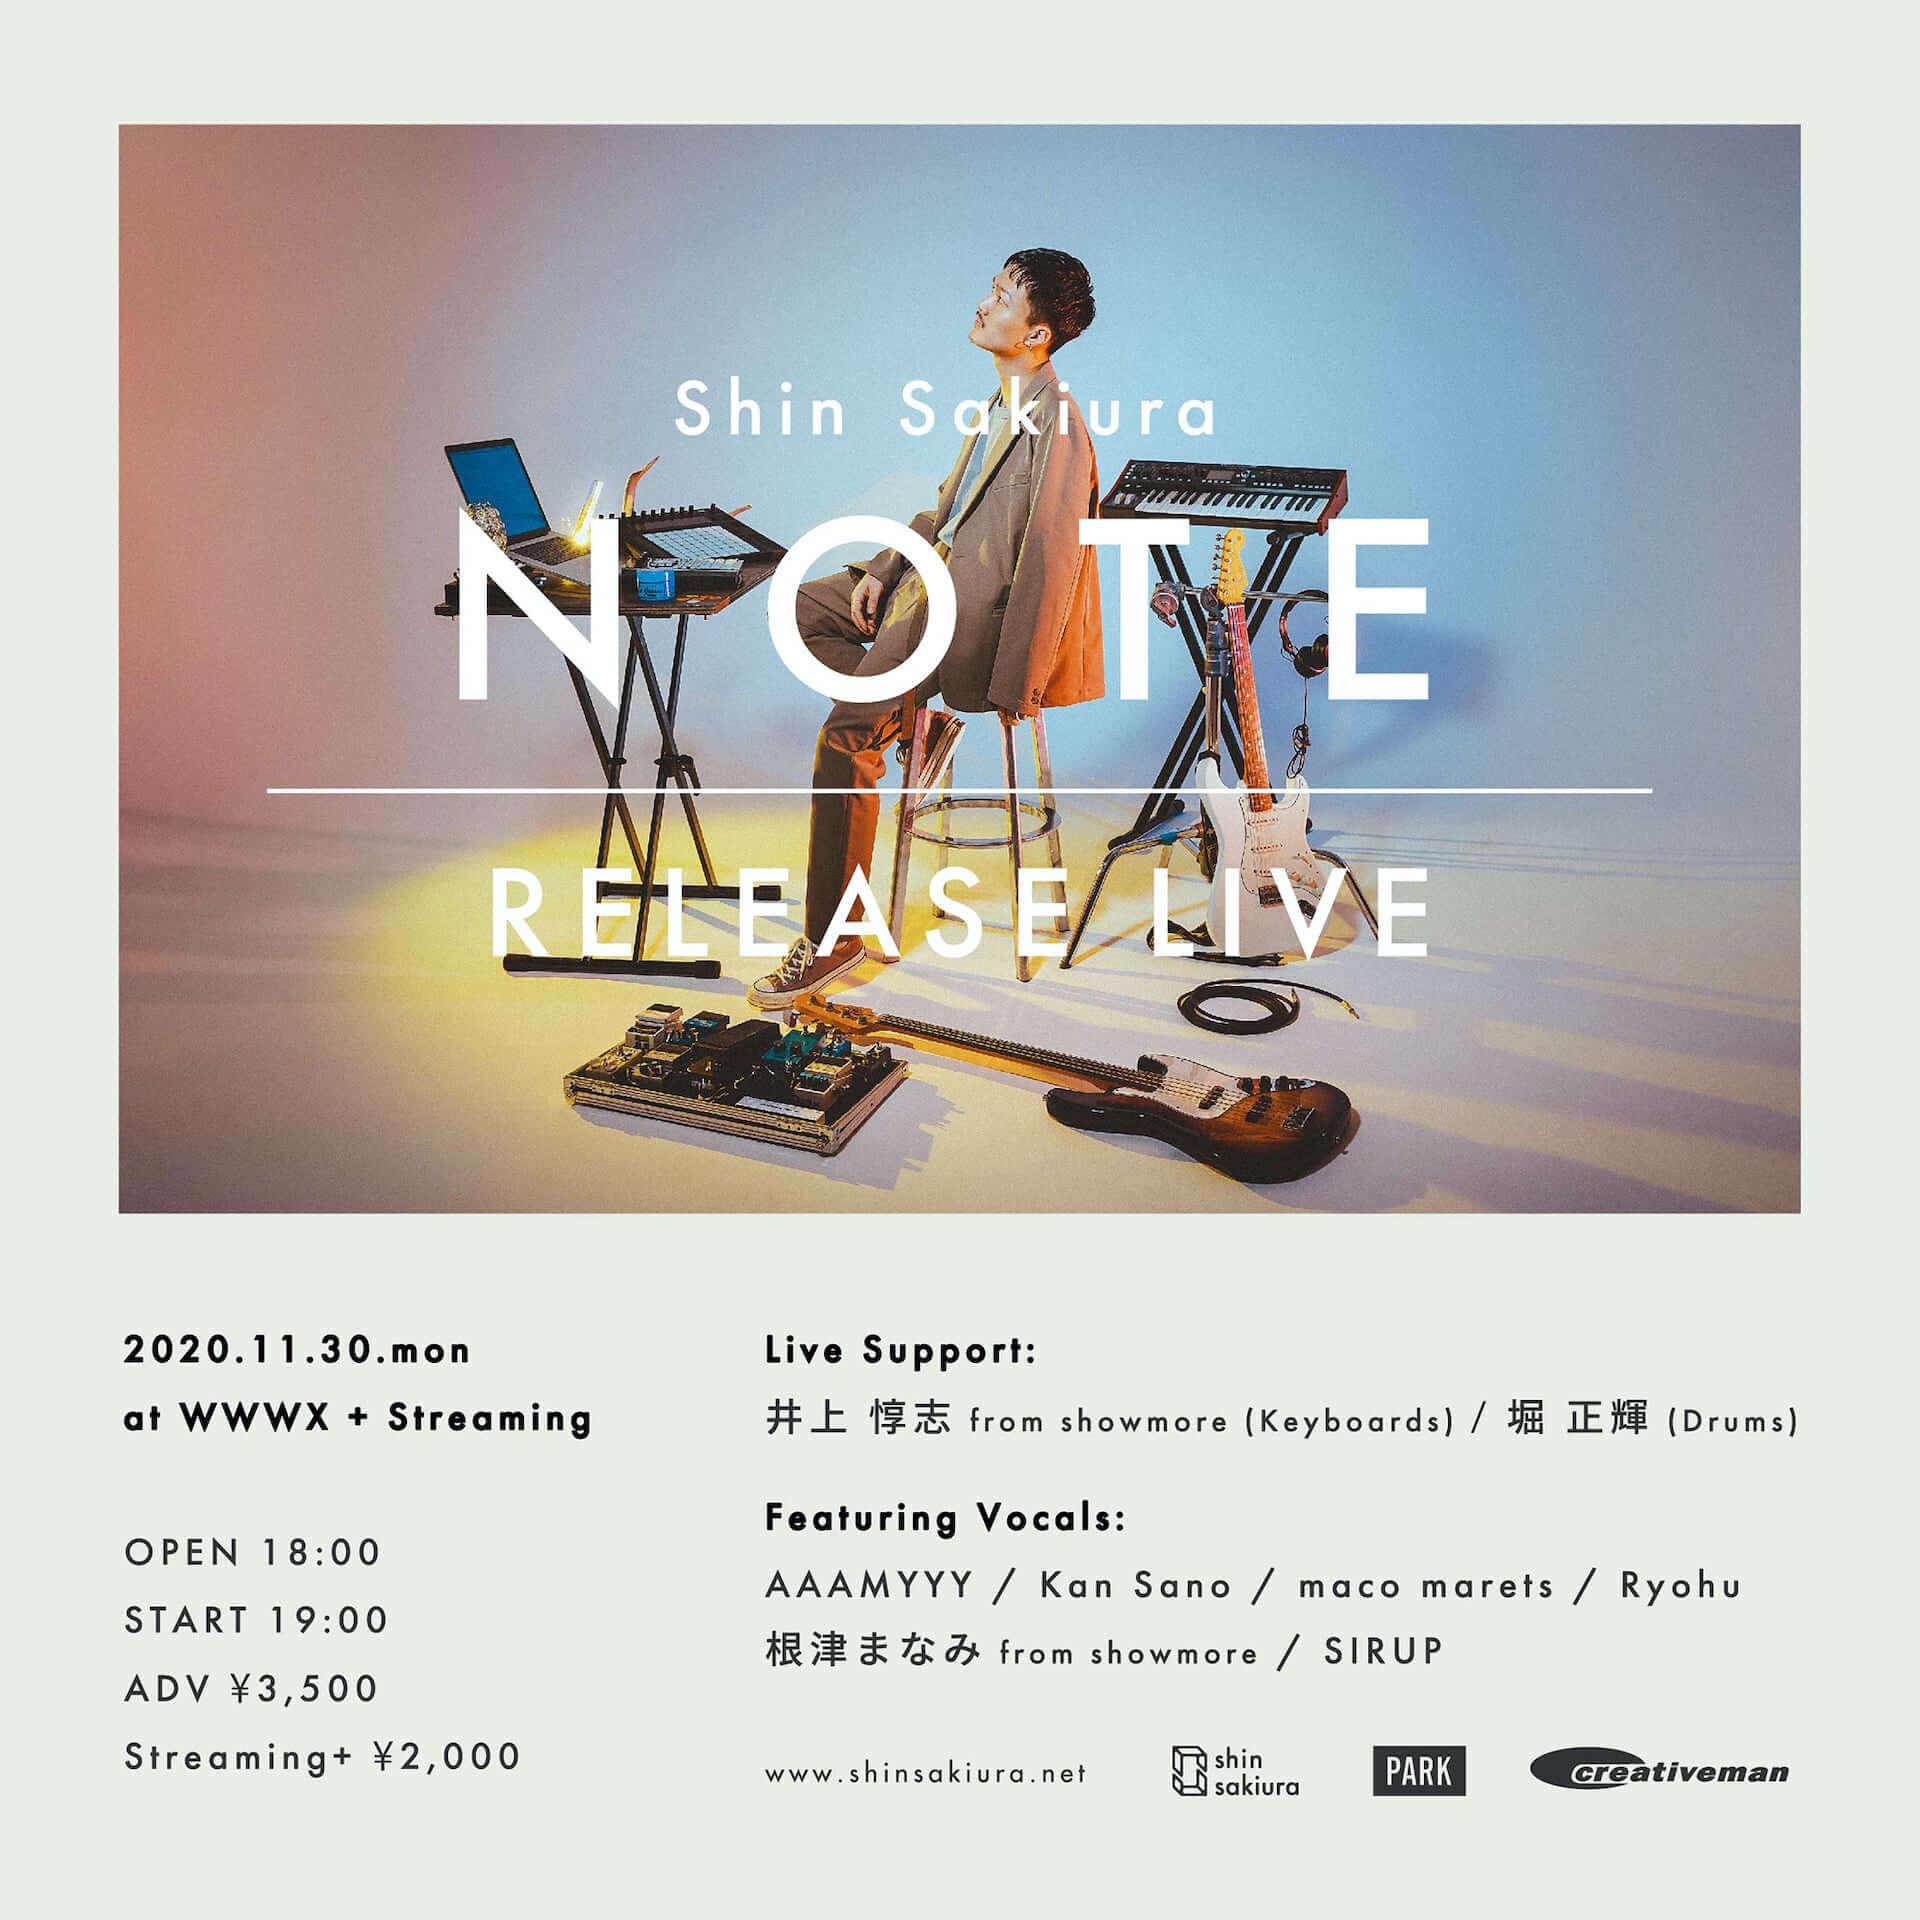 """Shin SakiuraがBASIを迎えた新曲""""komorebi""""をリリース!ワンマンライブにはSIRUP、AAAMYYY、Ryohu、maco maretsらが参加決定 music201021_shinsakiura_4-1920x1920"""